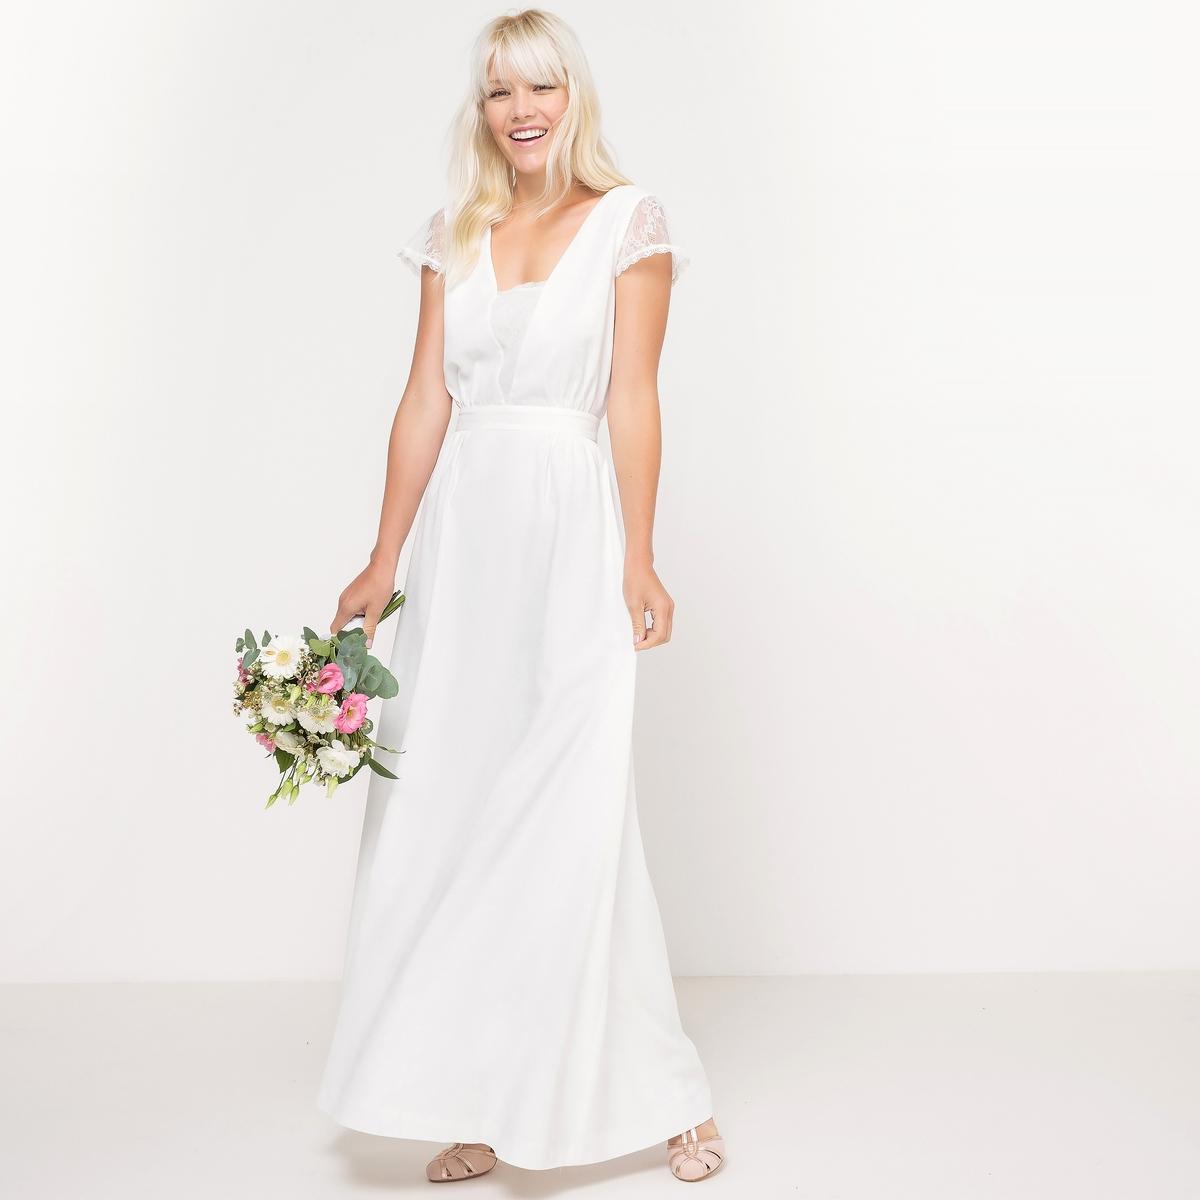 Платье свадебное длинное свадебное платье prettycolor bridal 0331